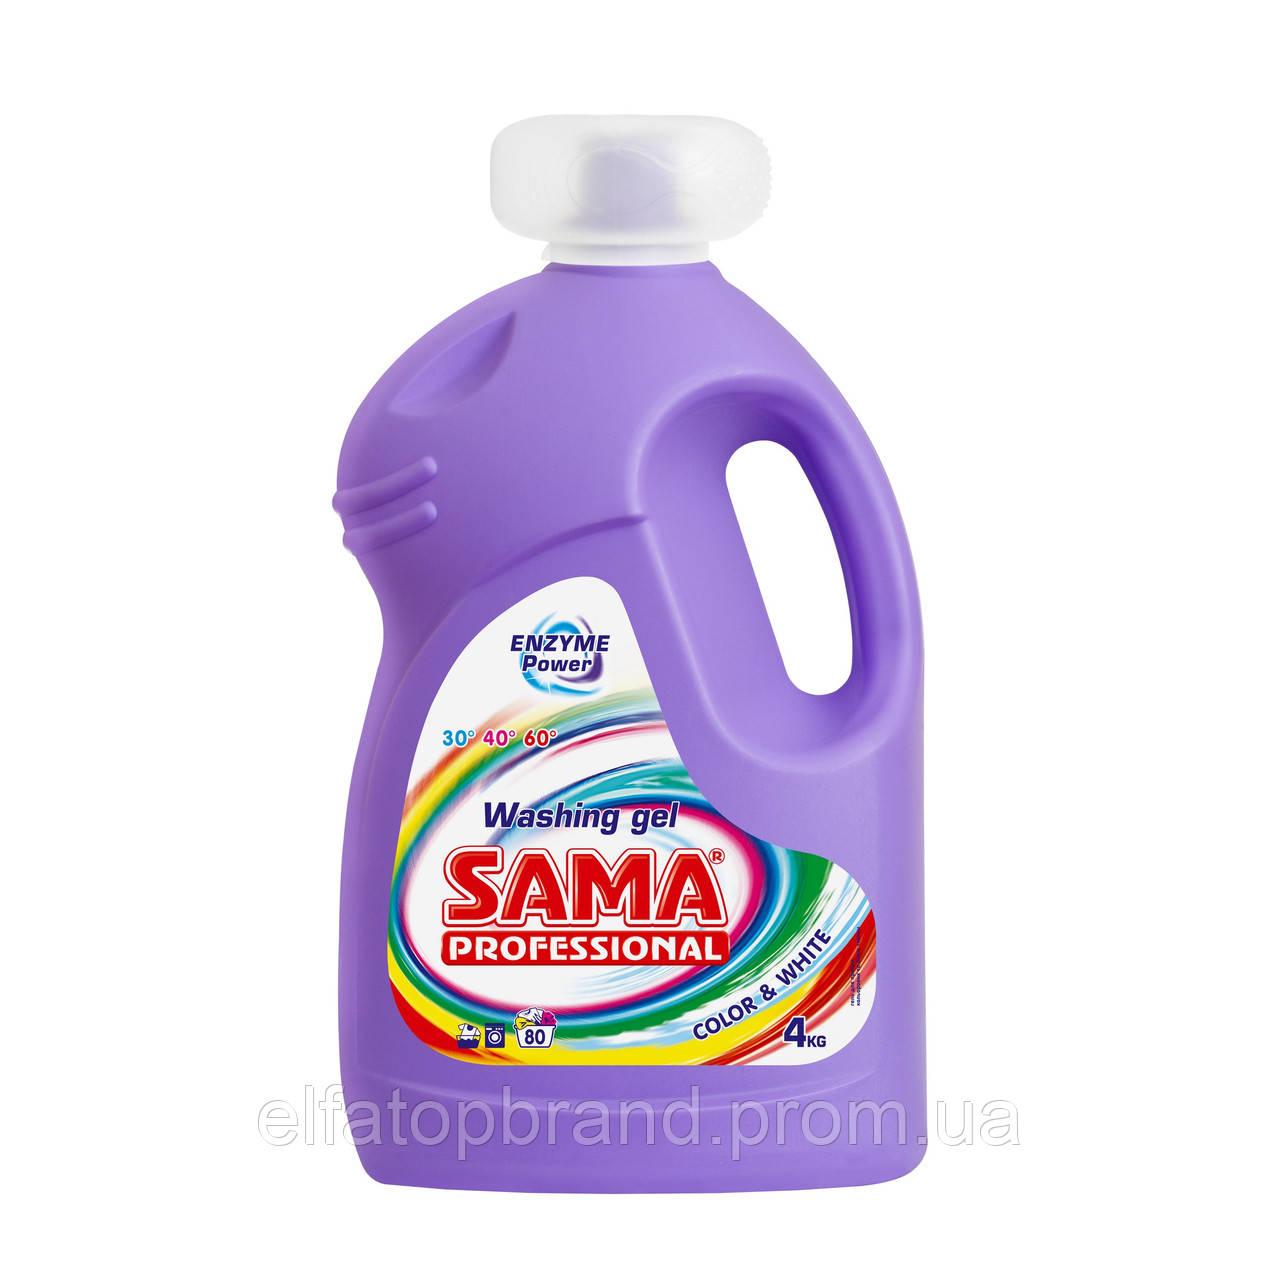 Средство Для Стирки Гель Универсальный Для Белых И Цветных Вещей SAMA PROFESS[ONAL Color&White 4000 мл